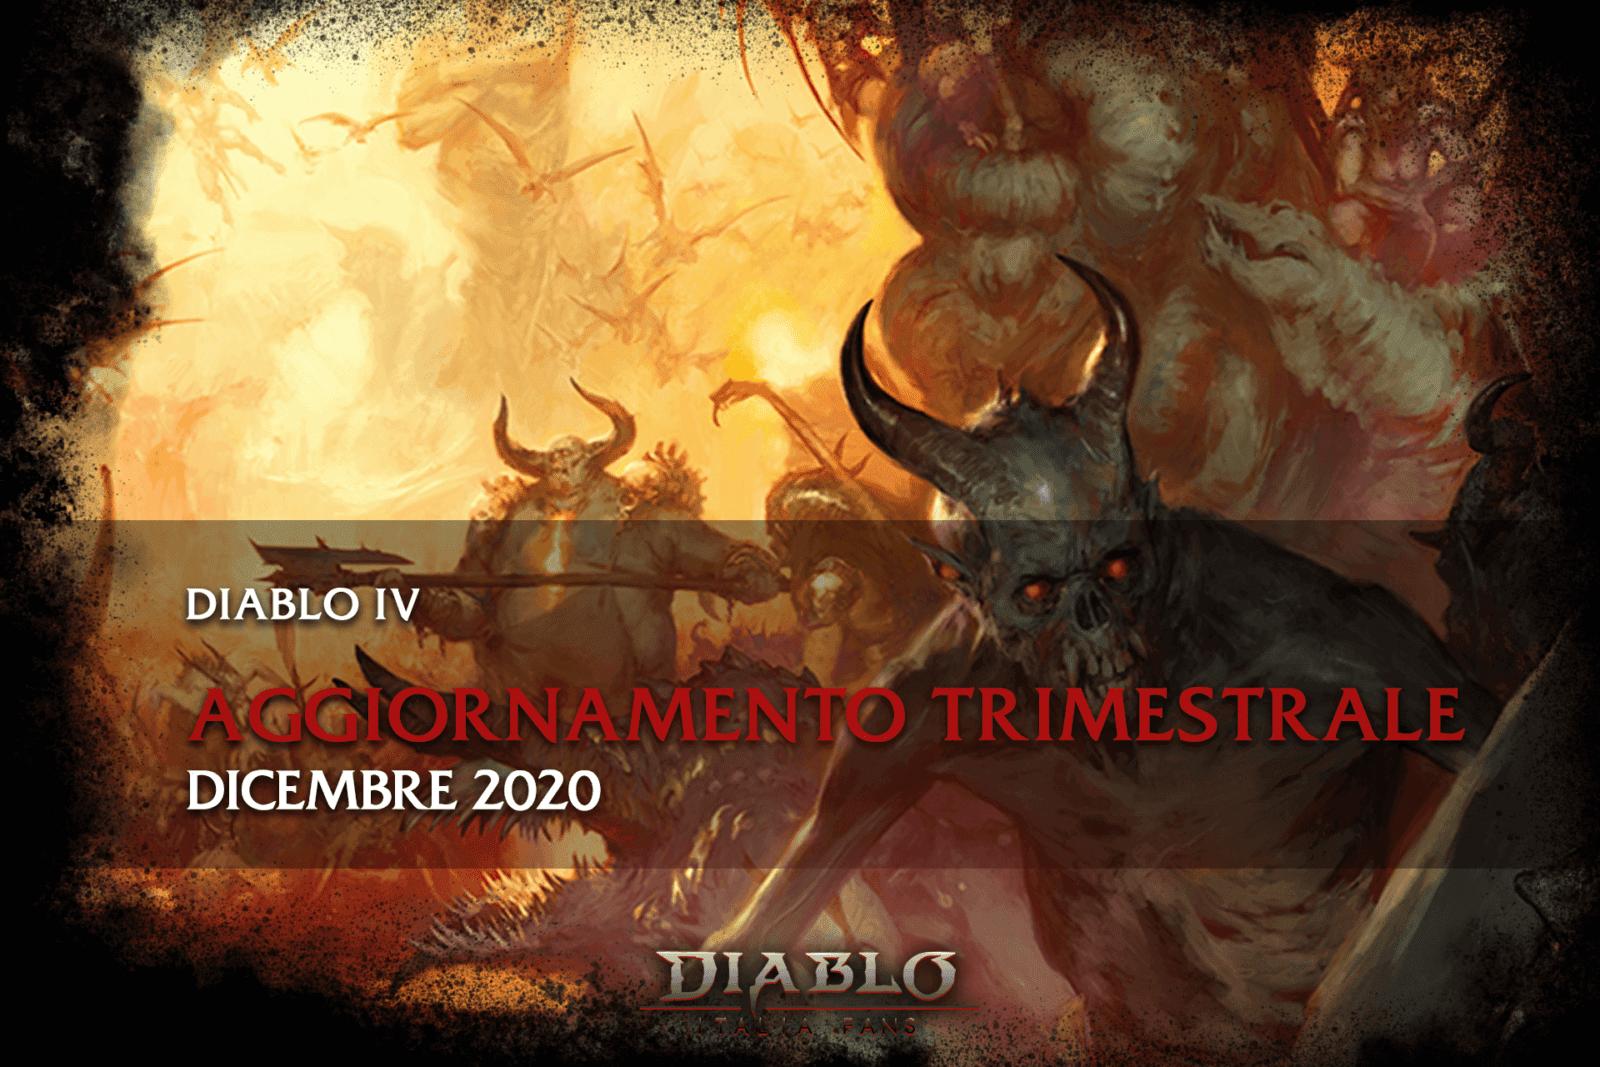 Diablo IV Aggiornamento trimestrale dicembre 2020 - copertina